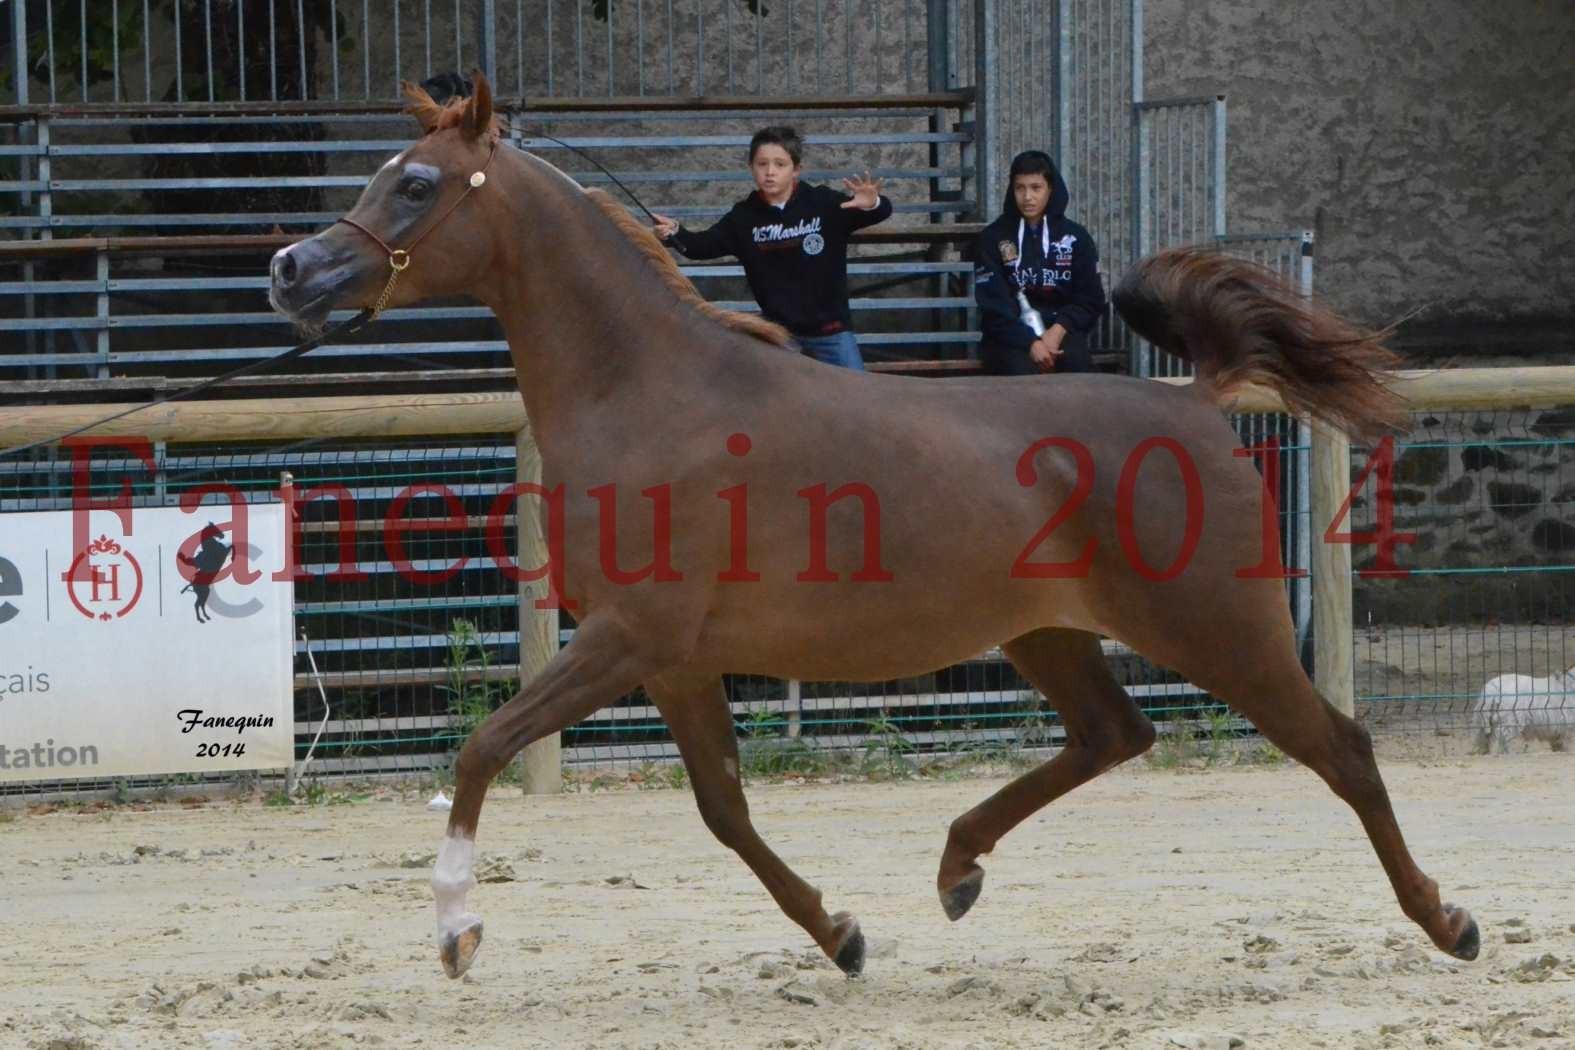 CHAMPIONNAT DE FRANCE 2014 A POMPADOUR - Notre Sélection - BADI'AH DE CARTHEREY - 13